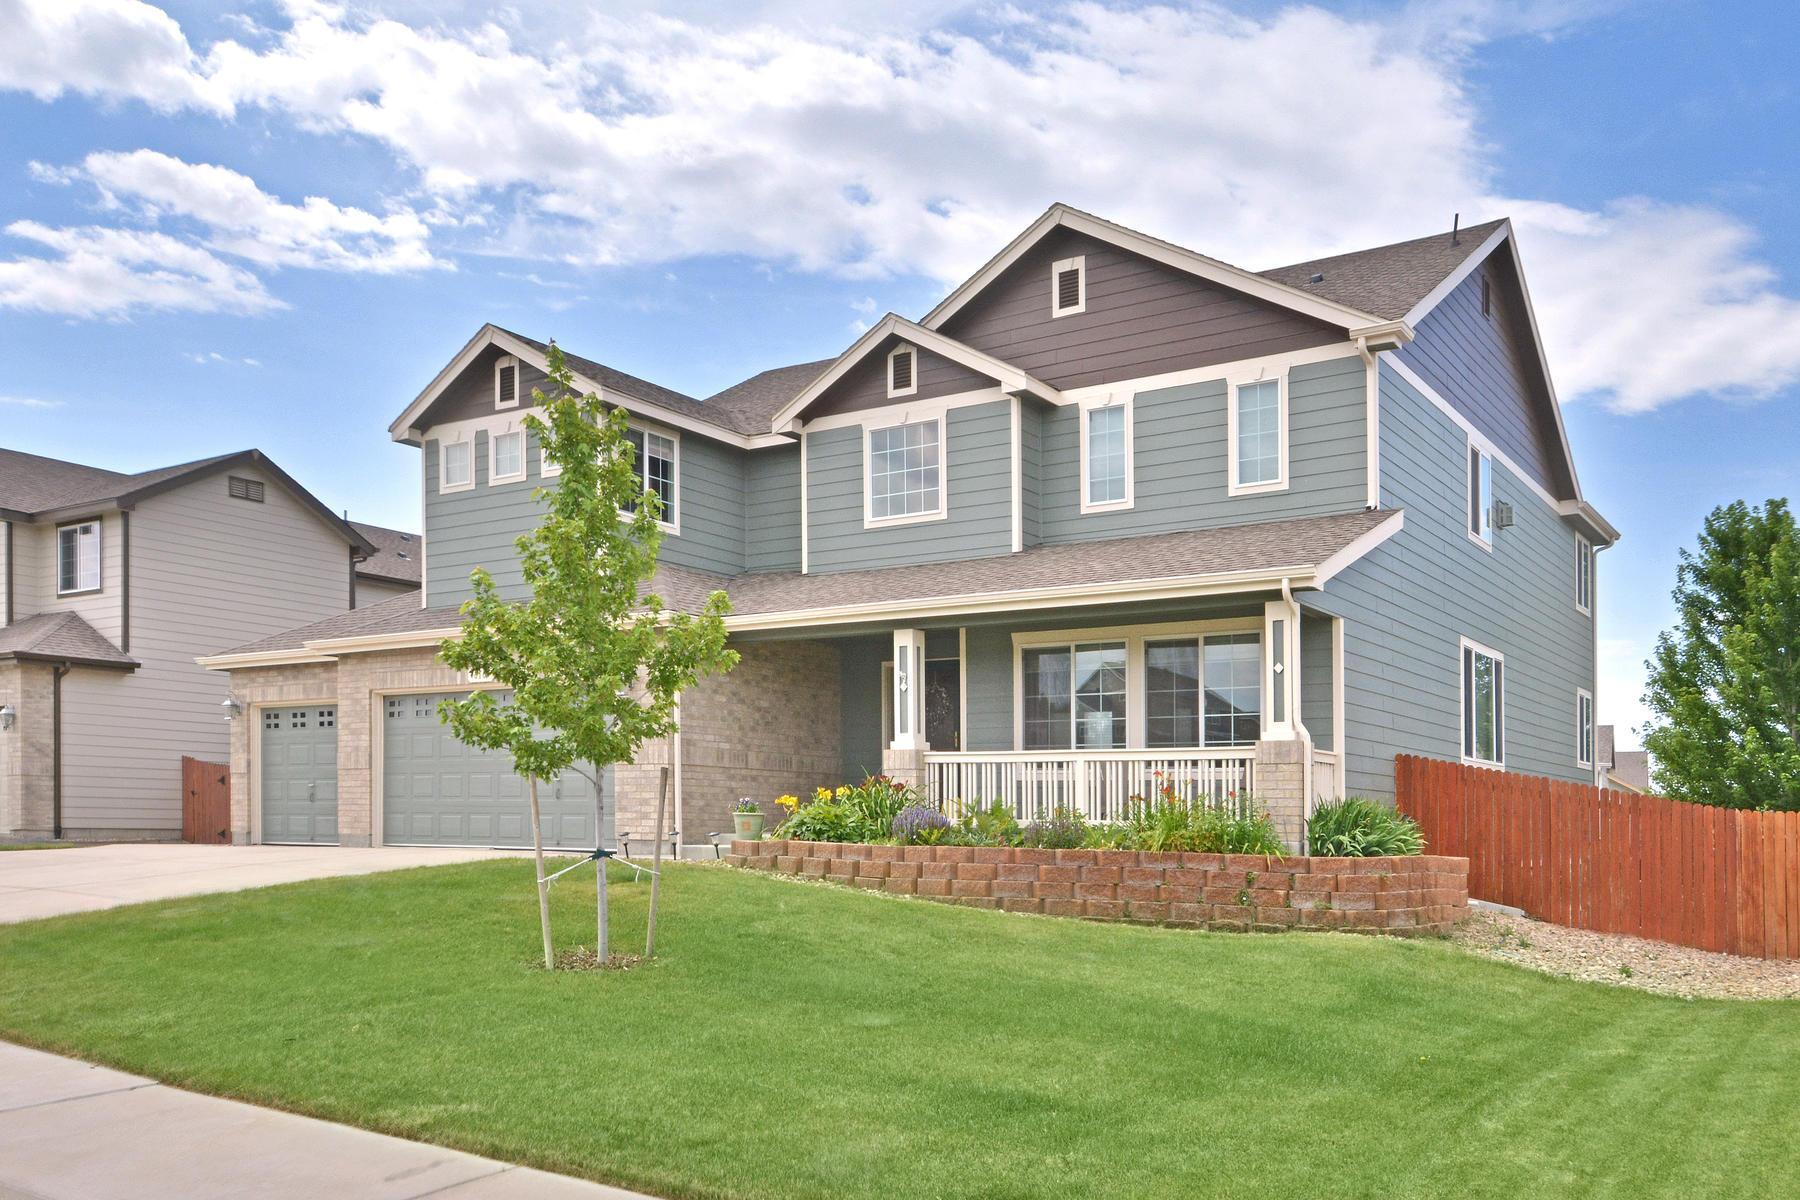 단독 가정 주택 용 매매 에 MUST See Fabulous Home With Beautiful Views! 810 Reliance Drive Erie, 콜로라도, 80516 미국